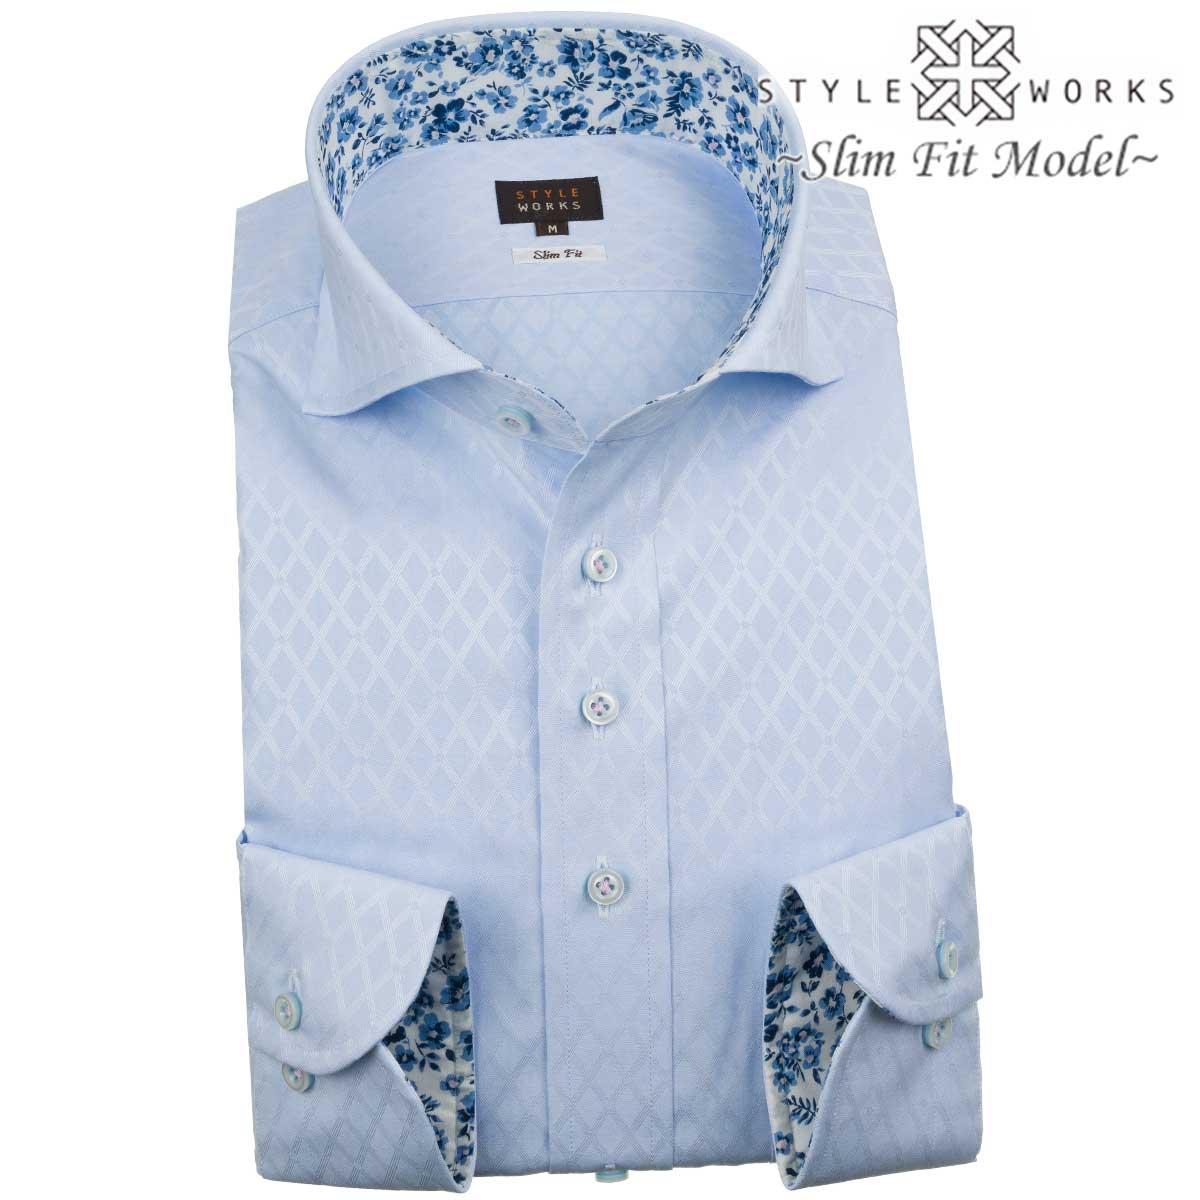 ドレスシャツ ワイシャツ シャツ メンズ 国産 長袖 綿100% スリムフィット カッタウェイワイド スカイブルー ジャガードバスケット風ダイアチェック【Sサイズ・裄丈81cm】